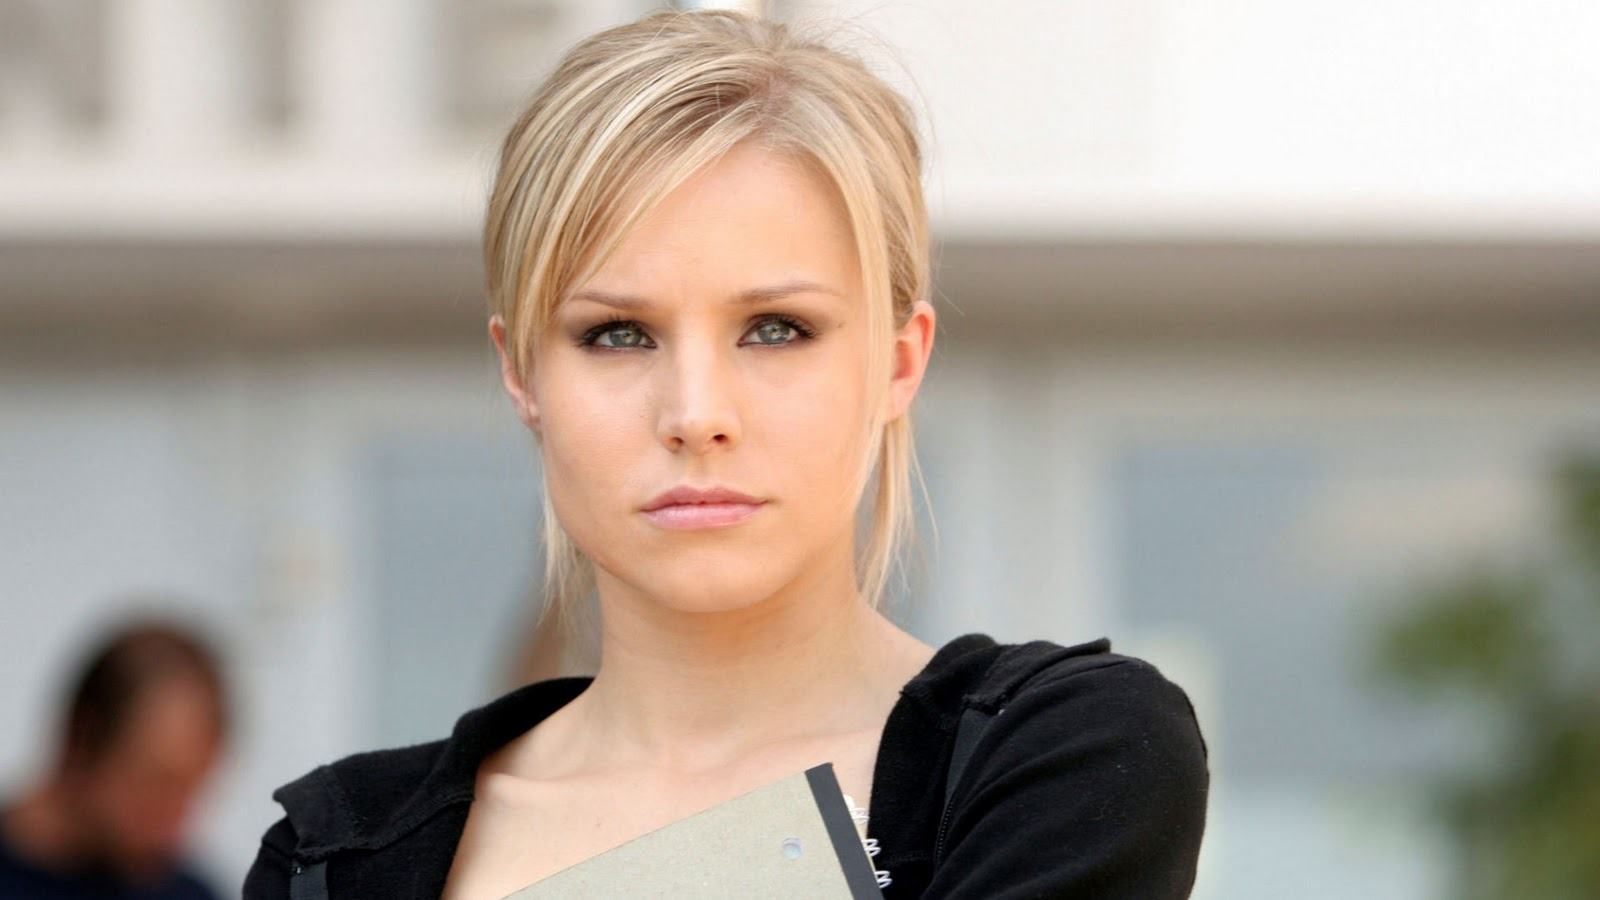 http://4.bp.blogspot.com/-ShL9_cpZOOs/TtQCbgo83AI/AAAAAAAAAEU/gTvZEYAfjrA/s1600/larasatisayang.blogspot.com-Blonde-Kristen-Bell_1920x1080_2599.jpg